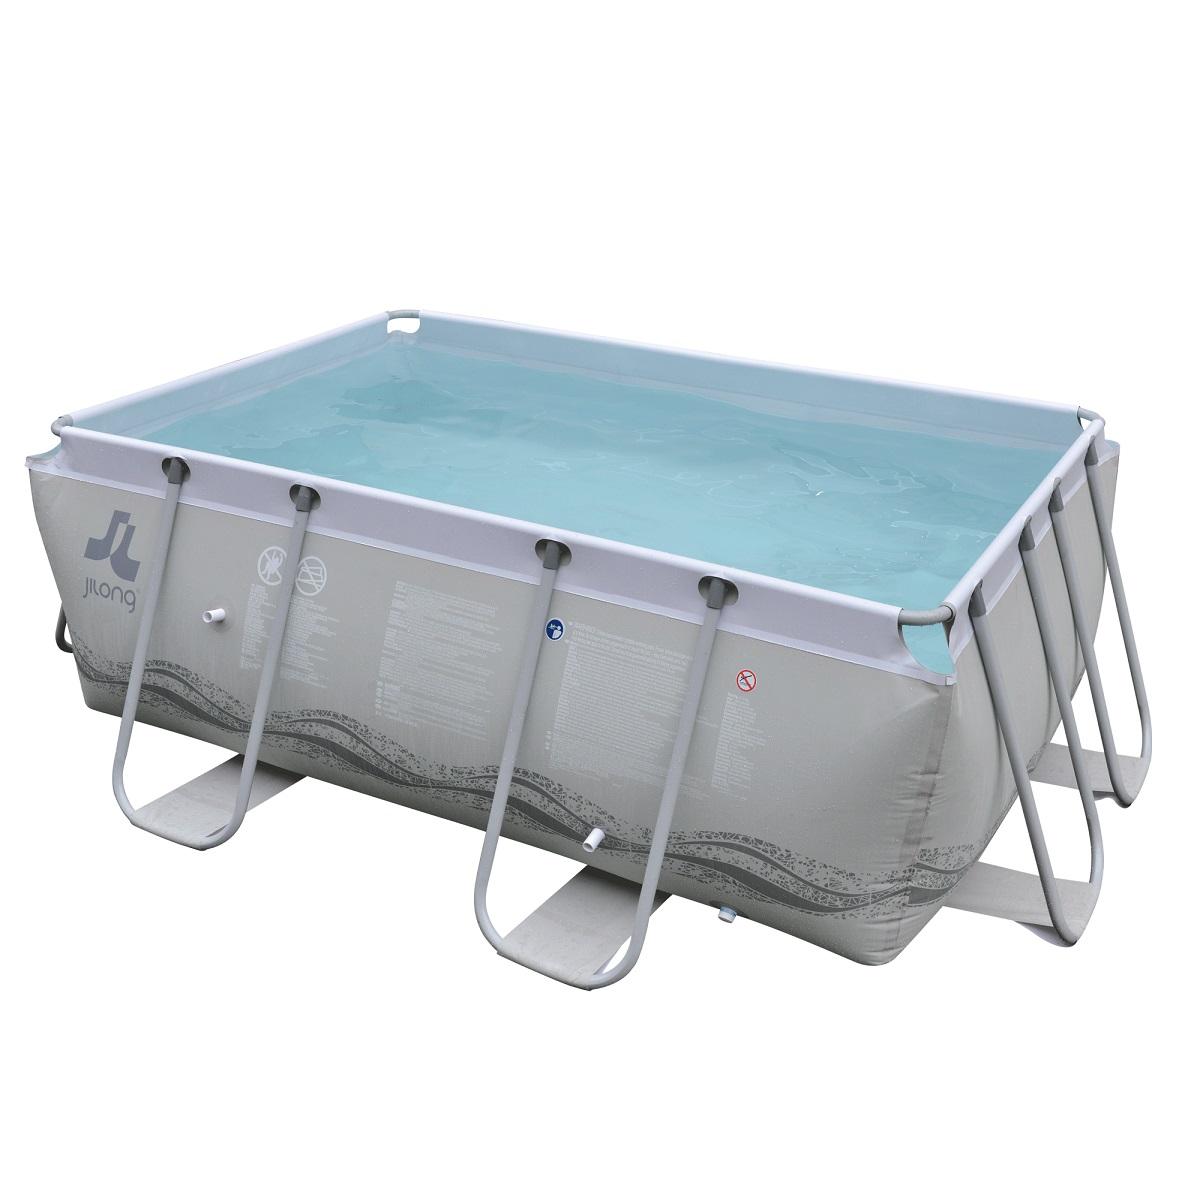 Bazén s pevnou stěnou Passaat Grey 295 x 200 x 100 cm s kartušovou filtrací